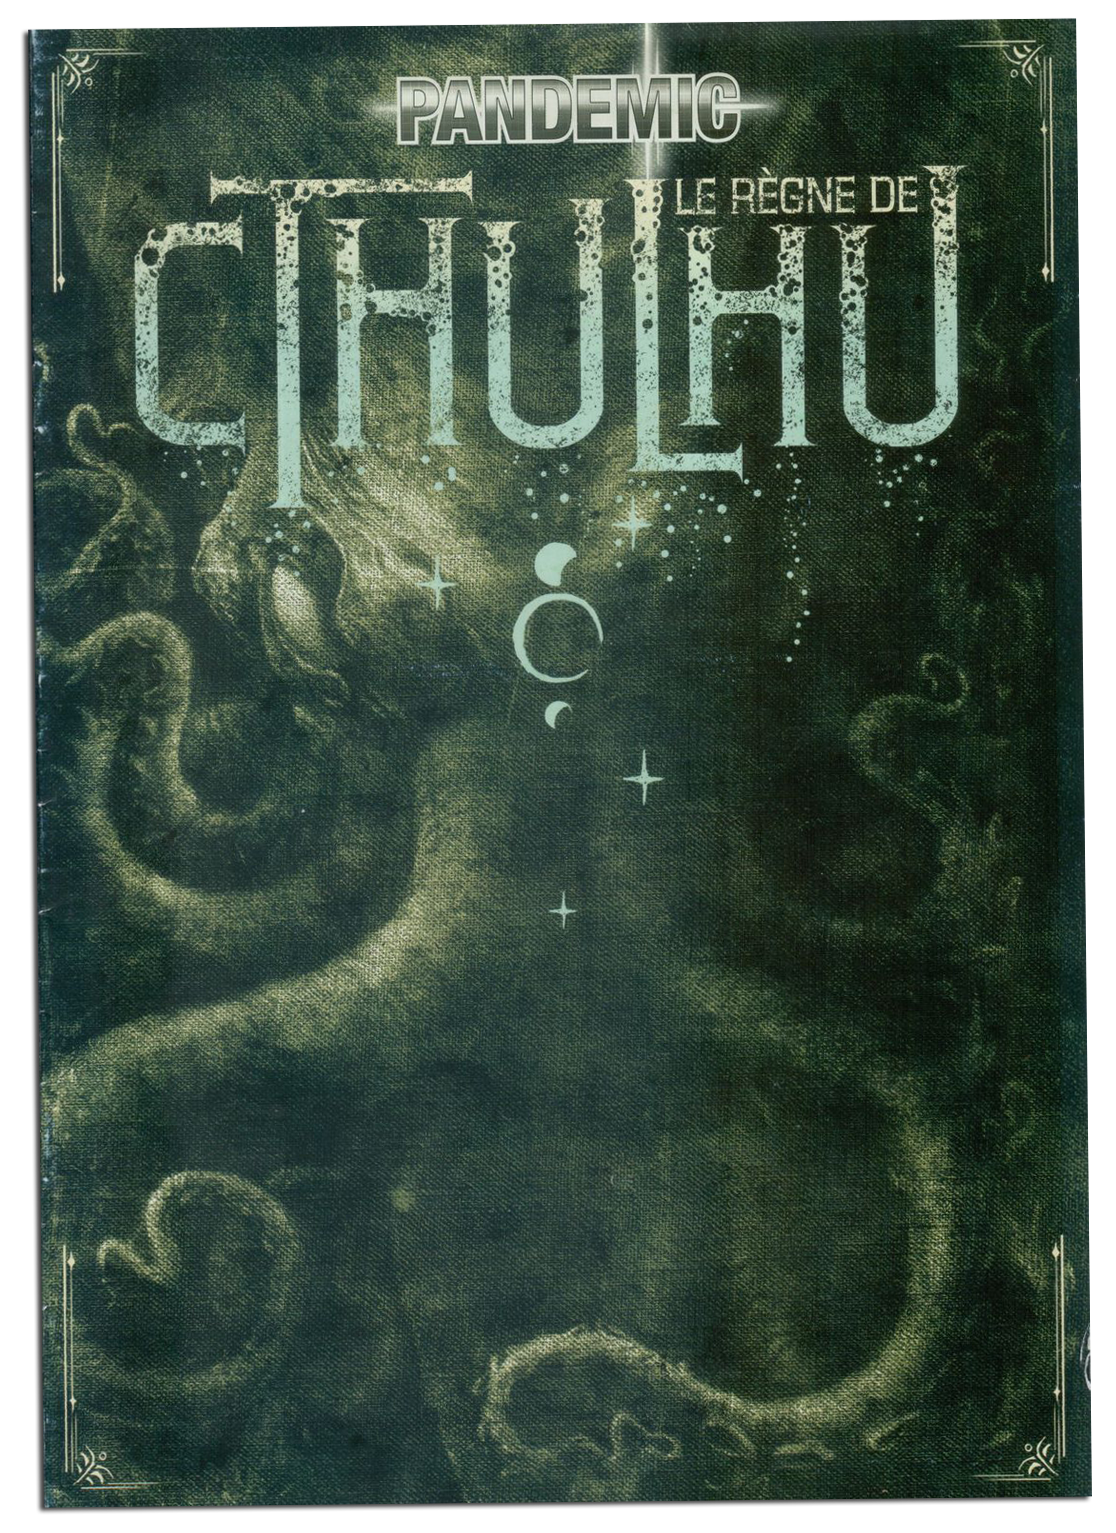 Pandemic, Le Règne de Cthulhu, couverture du livret de règle © Filosofia